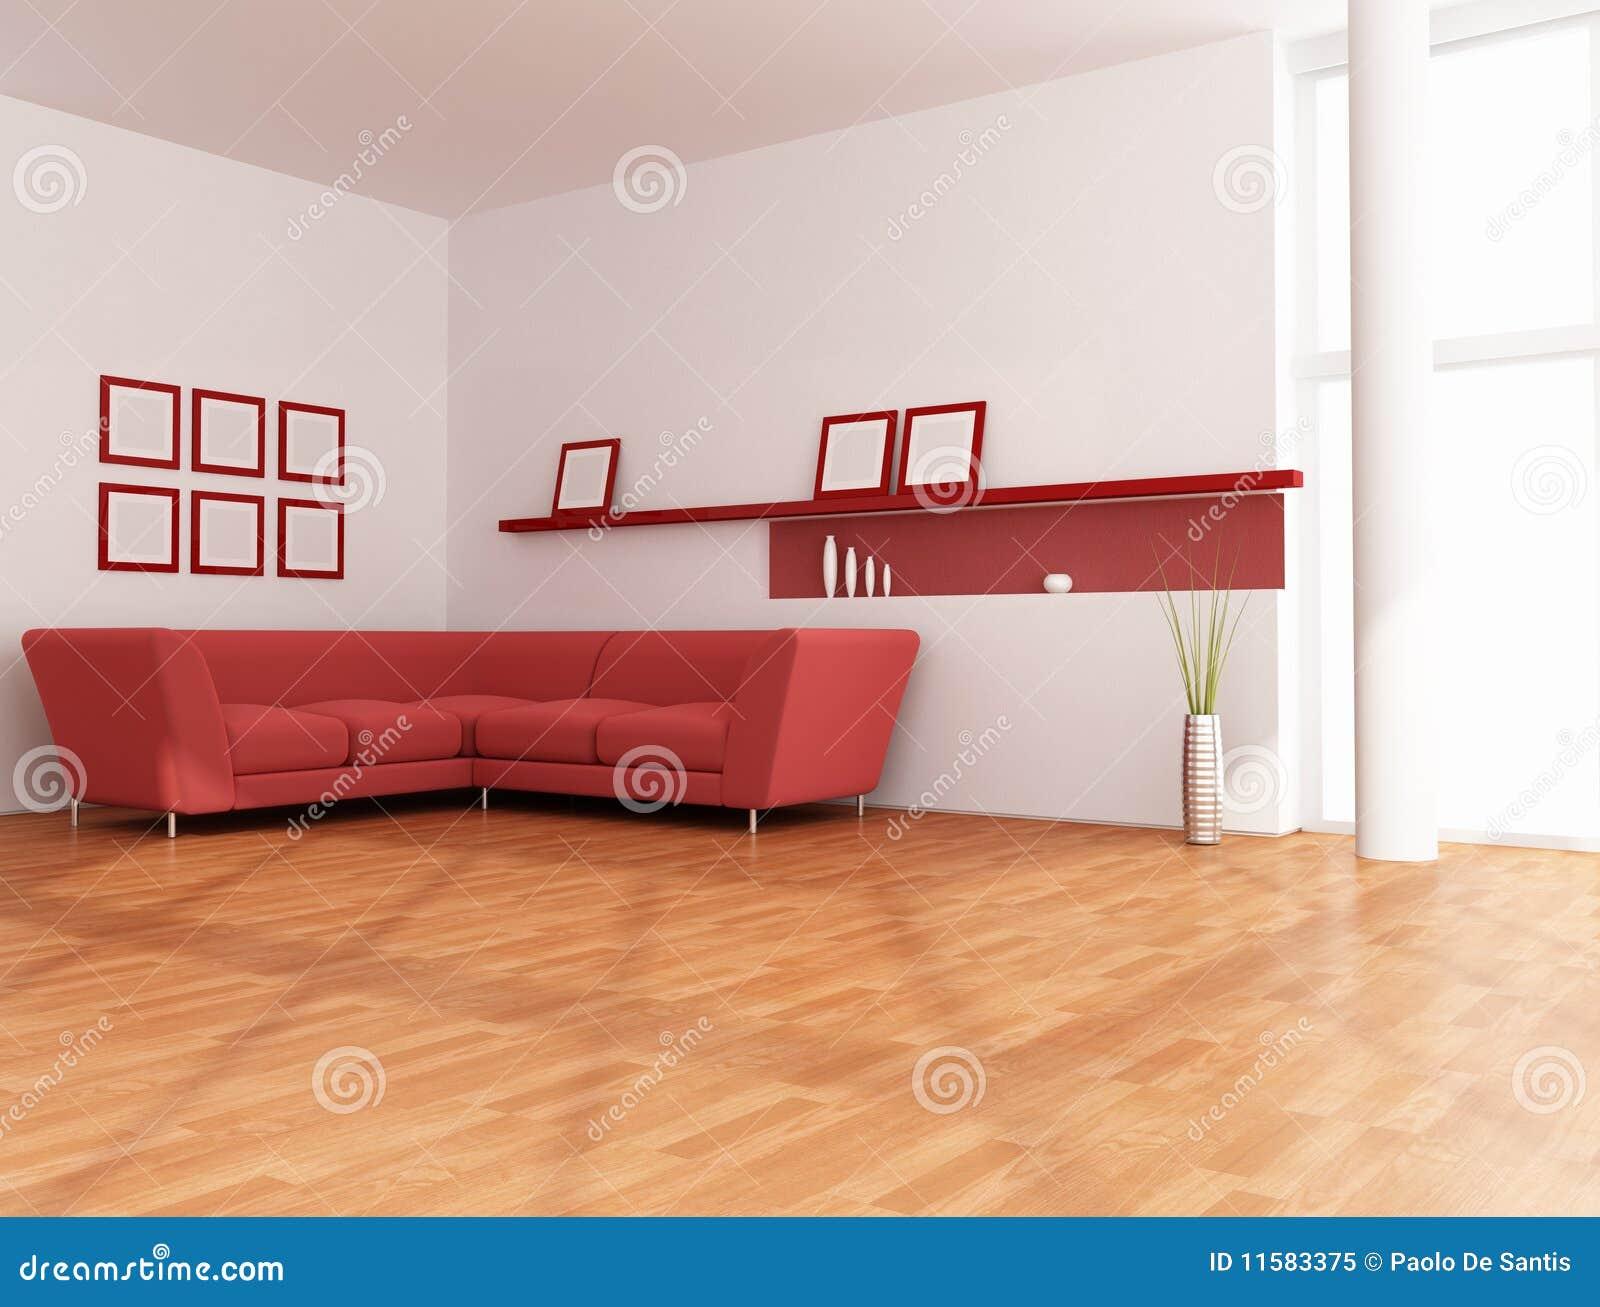 Sala De Estar Vermelha E Preta ~ Sala De Estar Vermelha E Branca Minimalista Foto de Stock Royalty Free